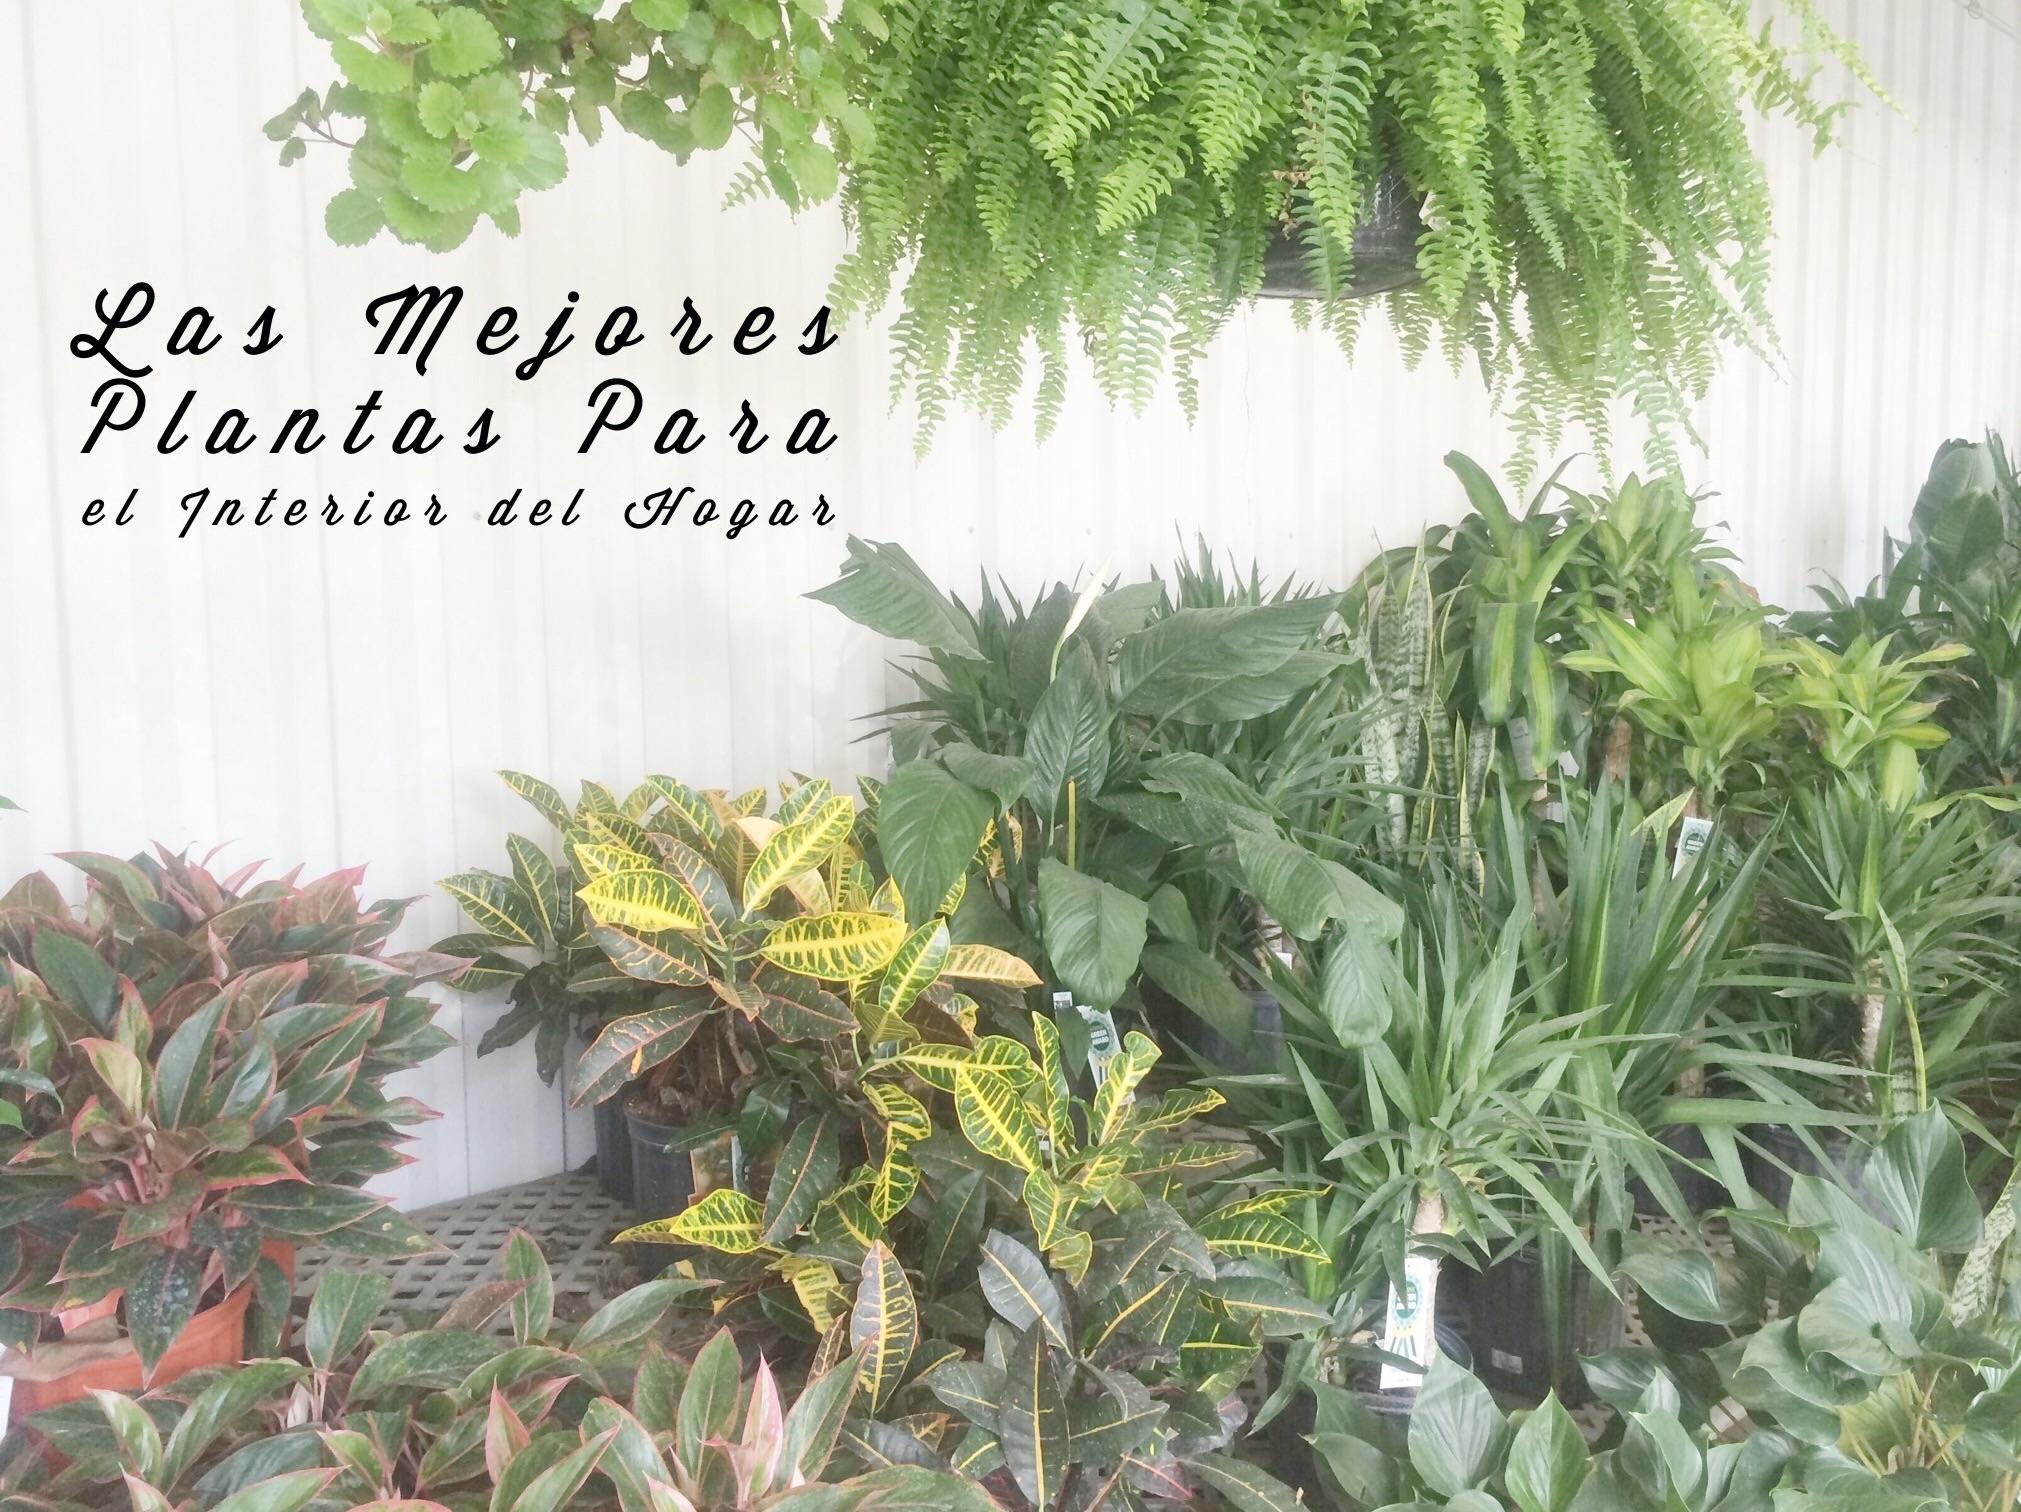 Las mejores plantas para el interior del hogar for Plantas decorativas para el hogar